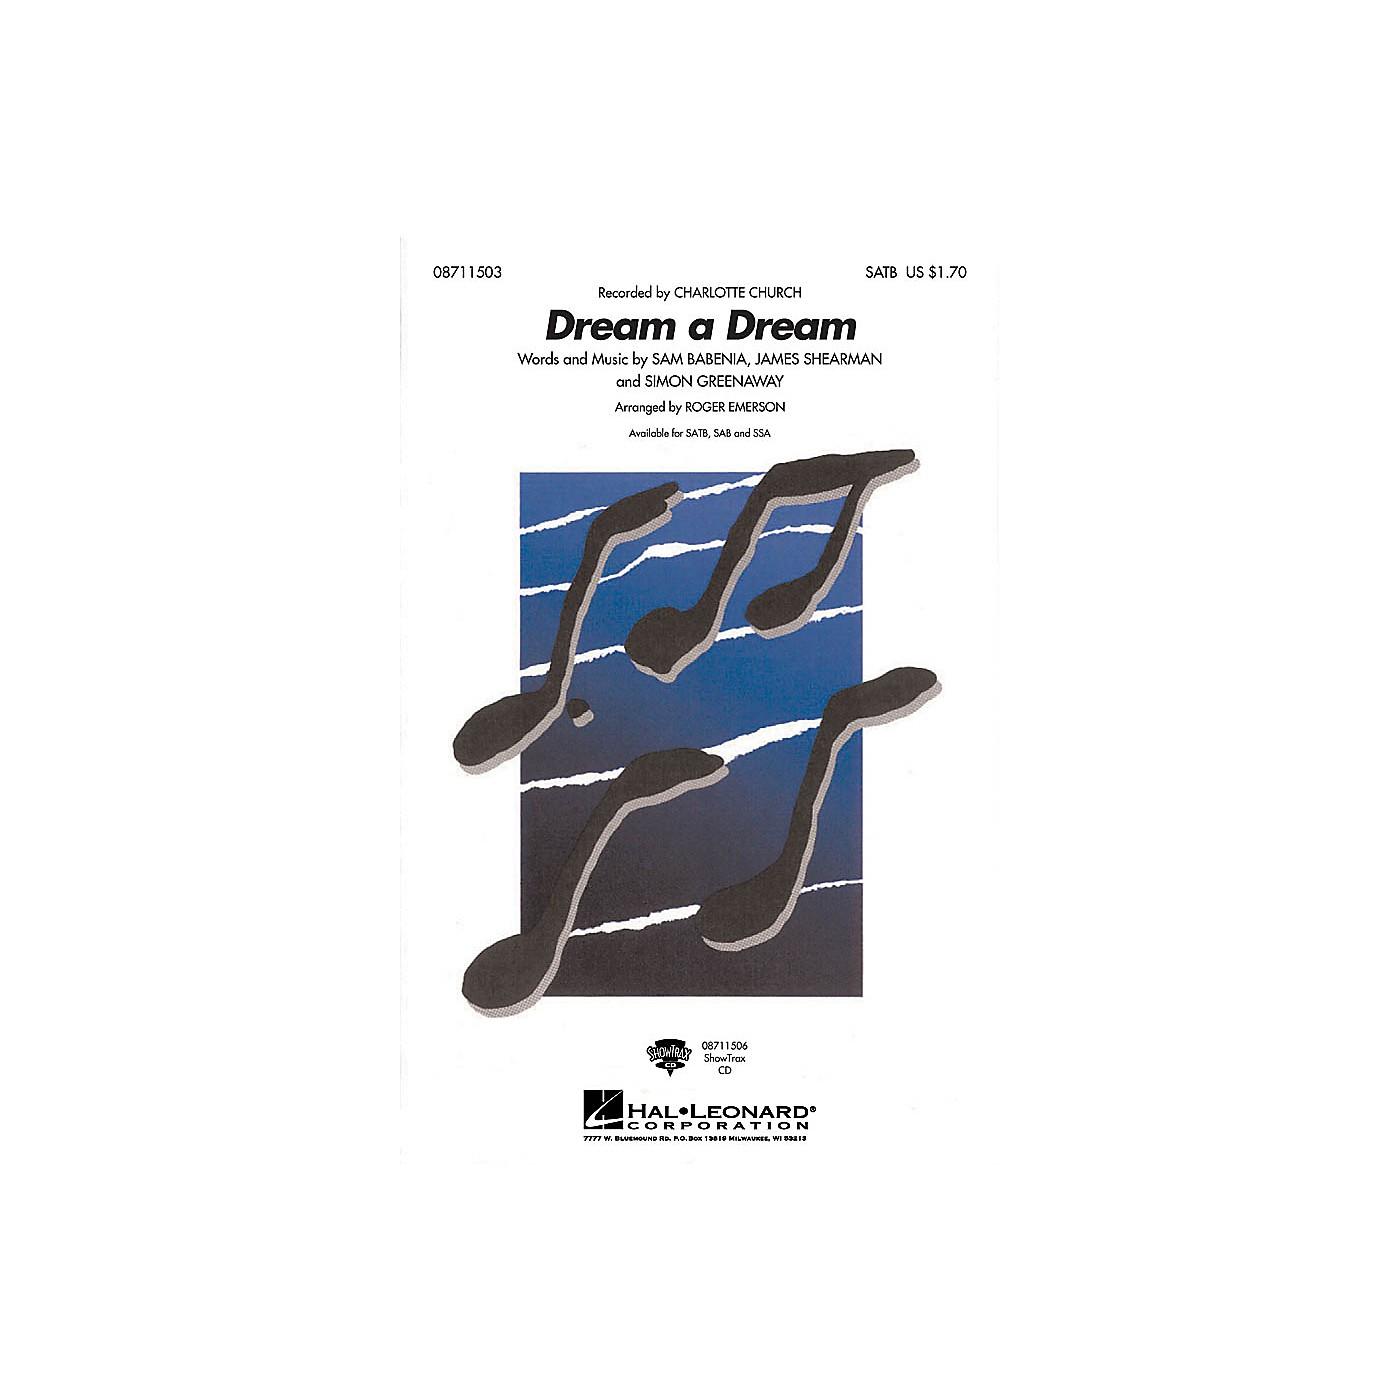 Hal Leonard Dream a Dream SATB by Charlotte Church arranged by Roger Emerson thumbnail